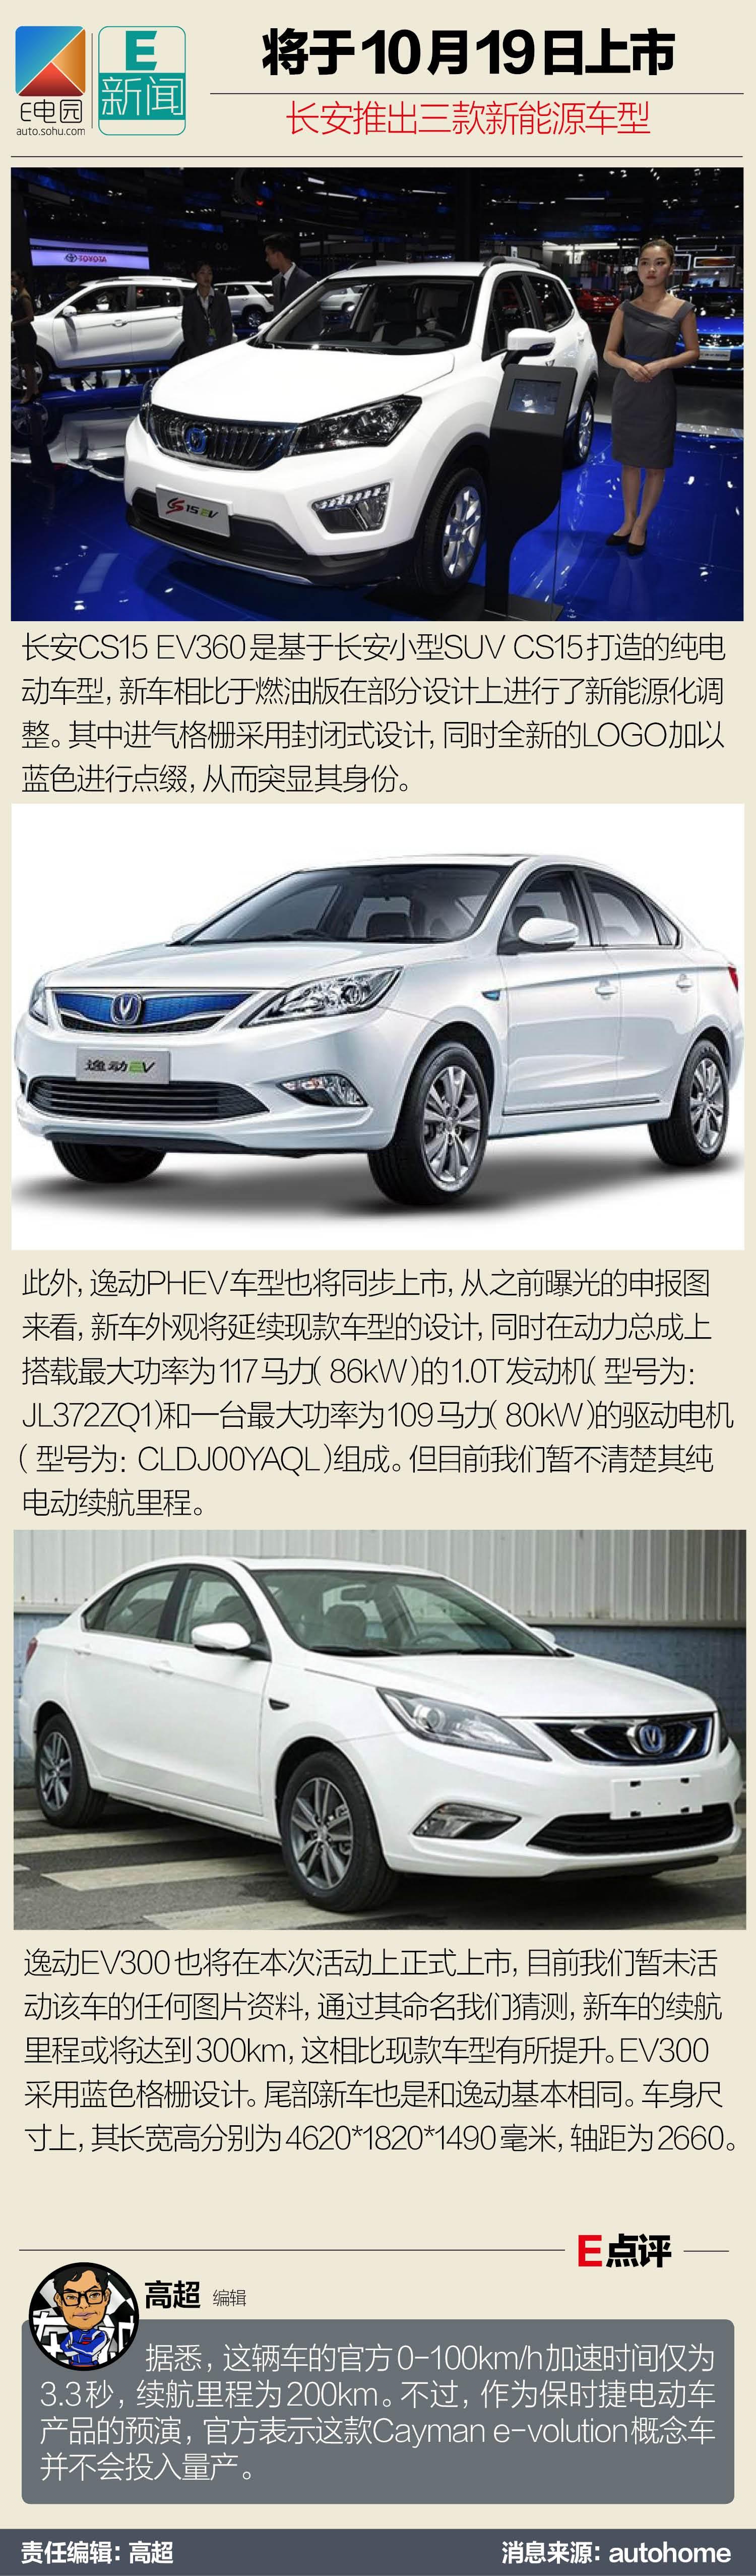 将于10月19日上市 长安推出三款新能源车型(第1页) -